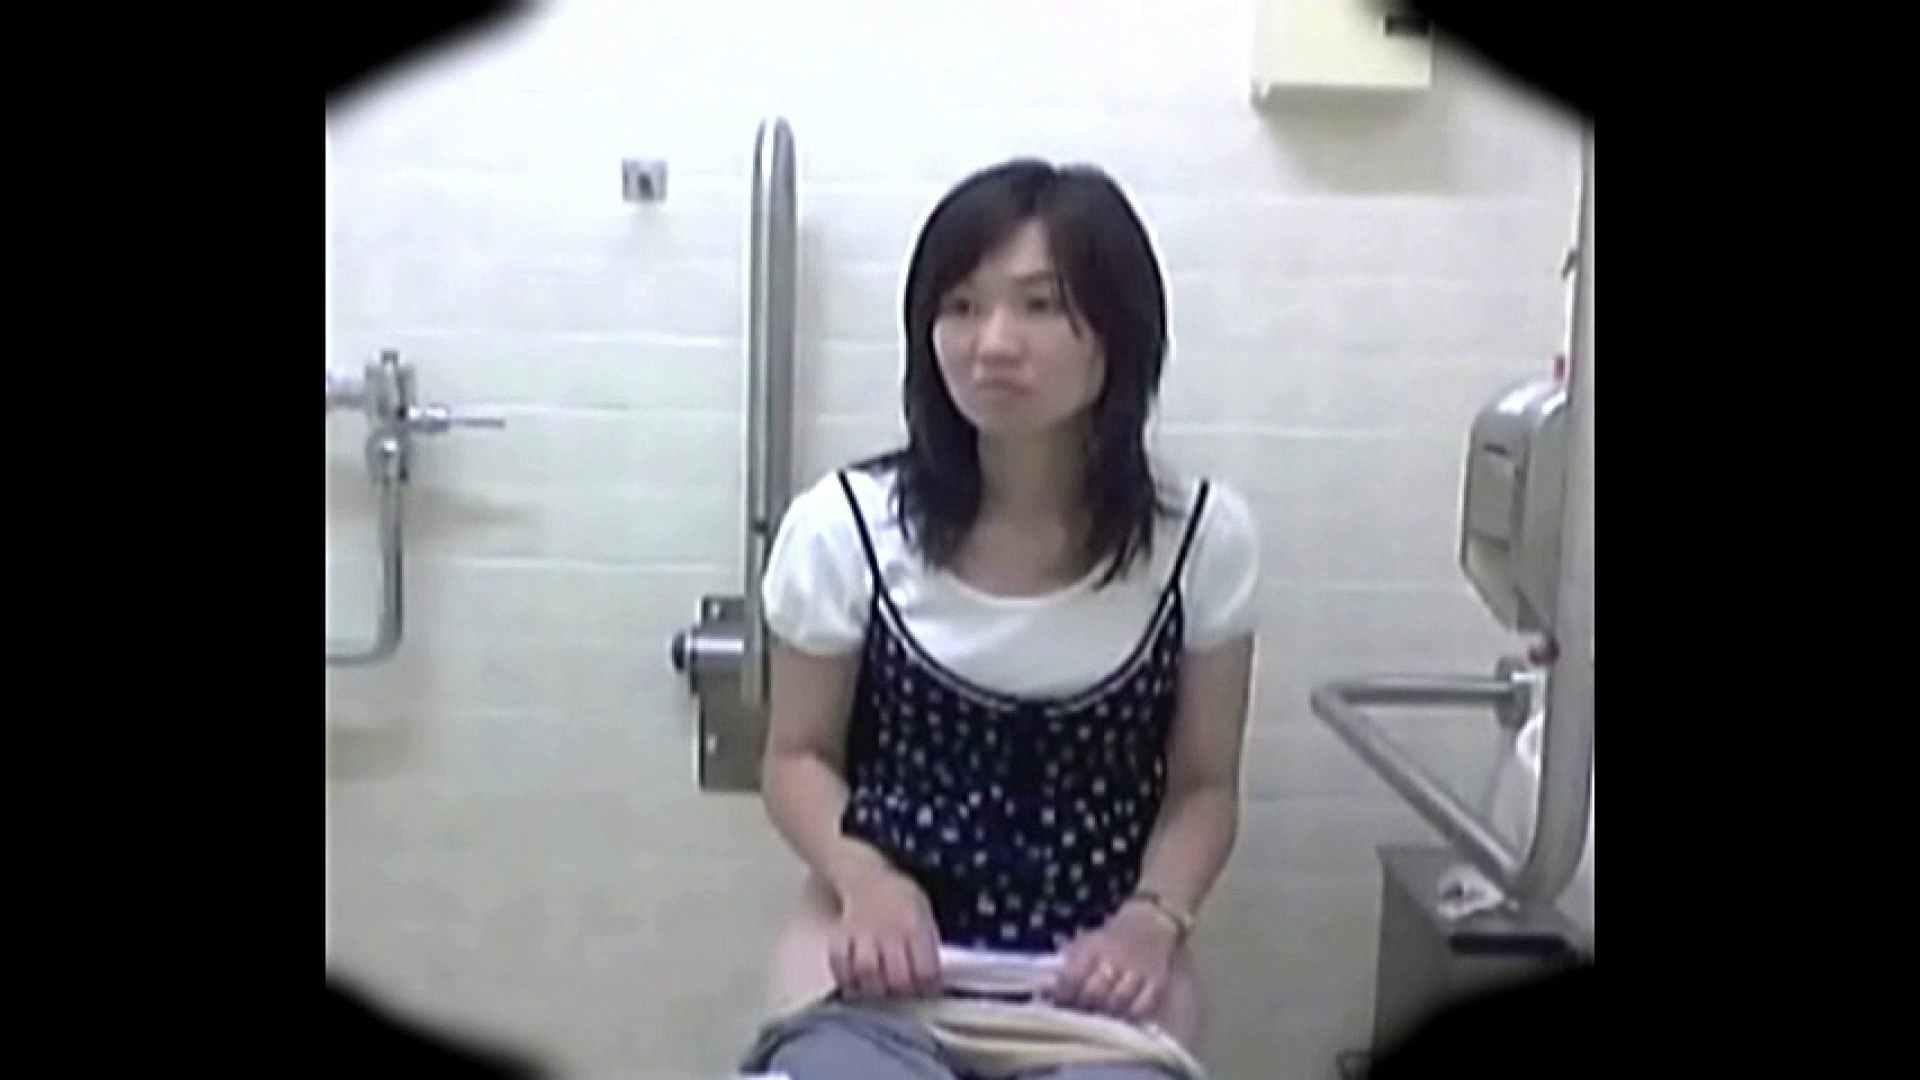 teen galトイレ覗き紙がナイ編‼vol.03 覗き エロ画像 83pic 39